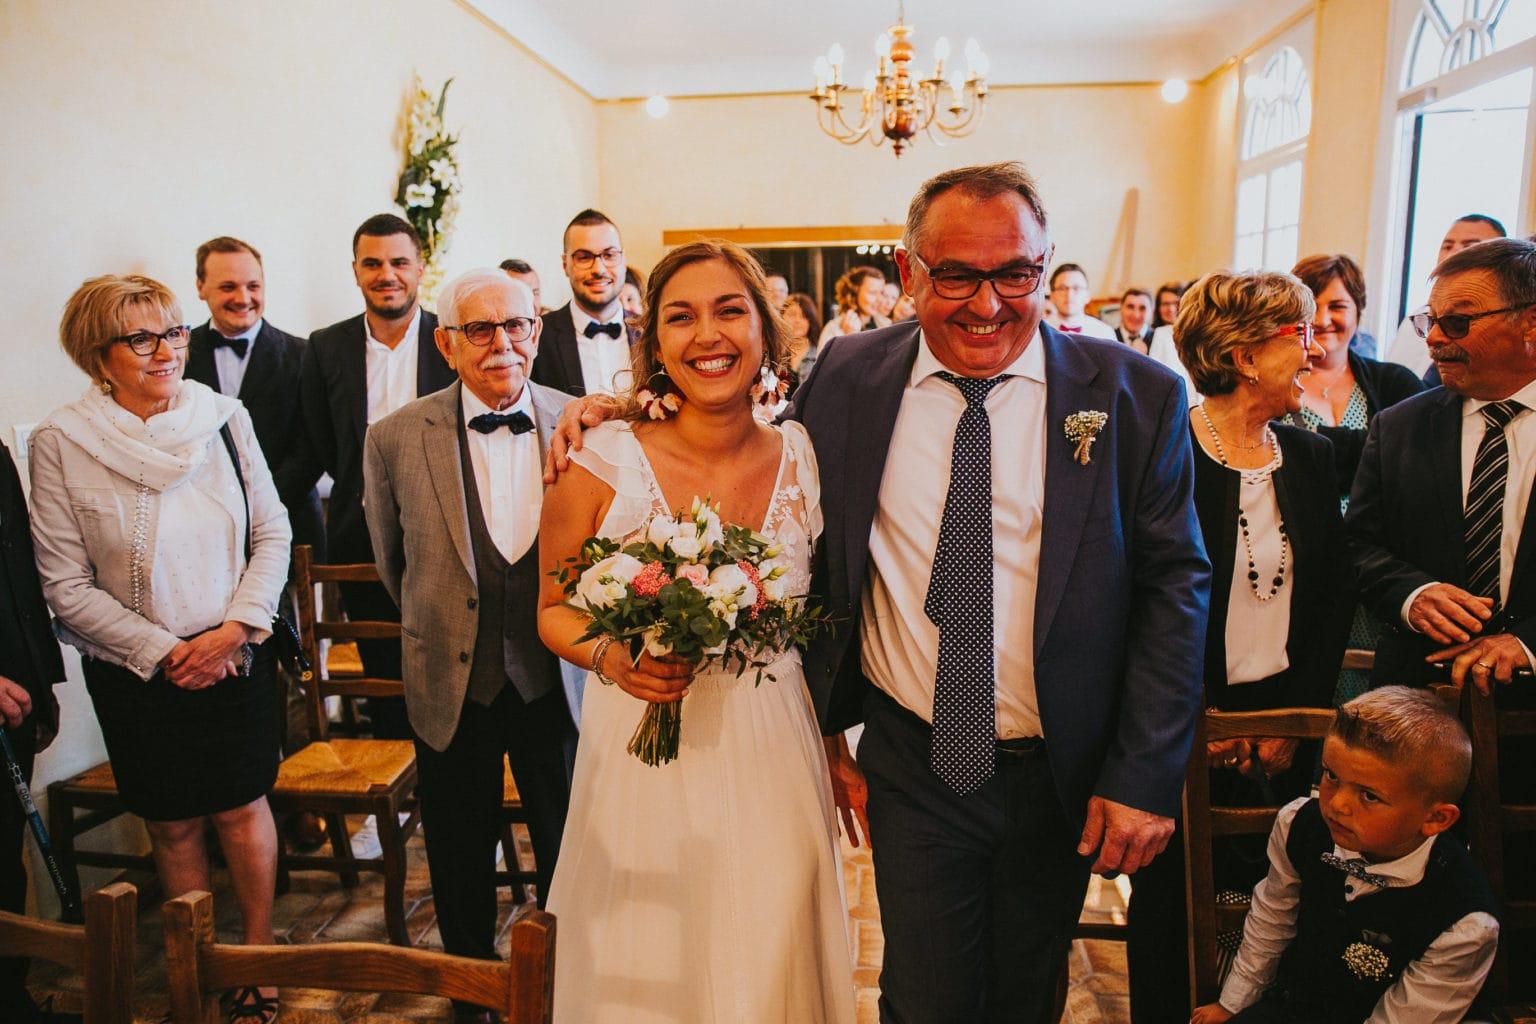 mariage bohème chateau aubry du hainaut 25